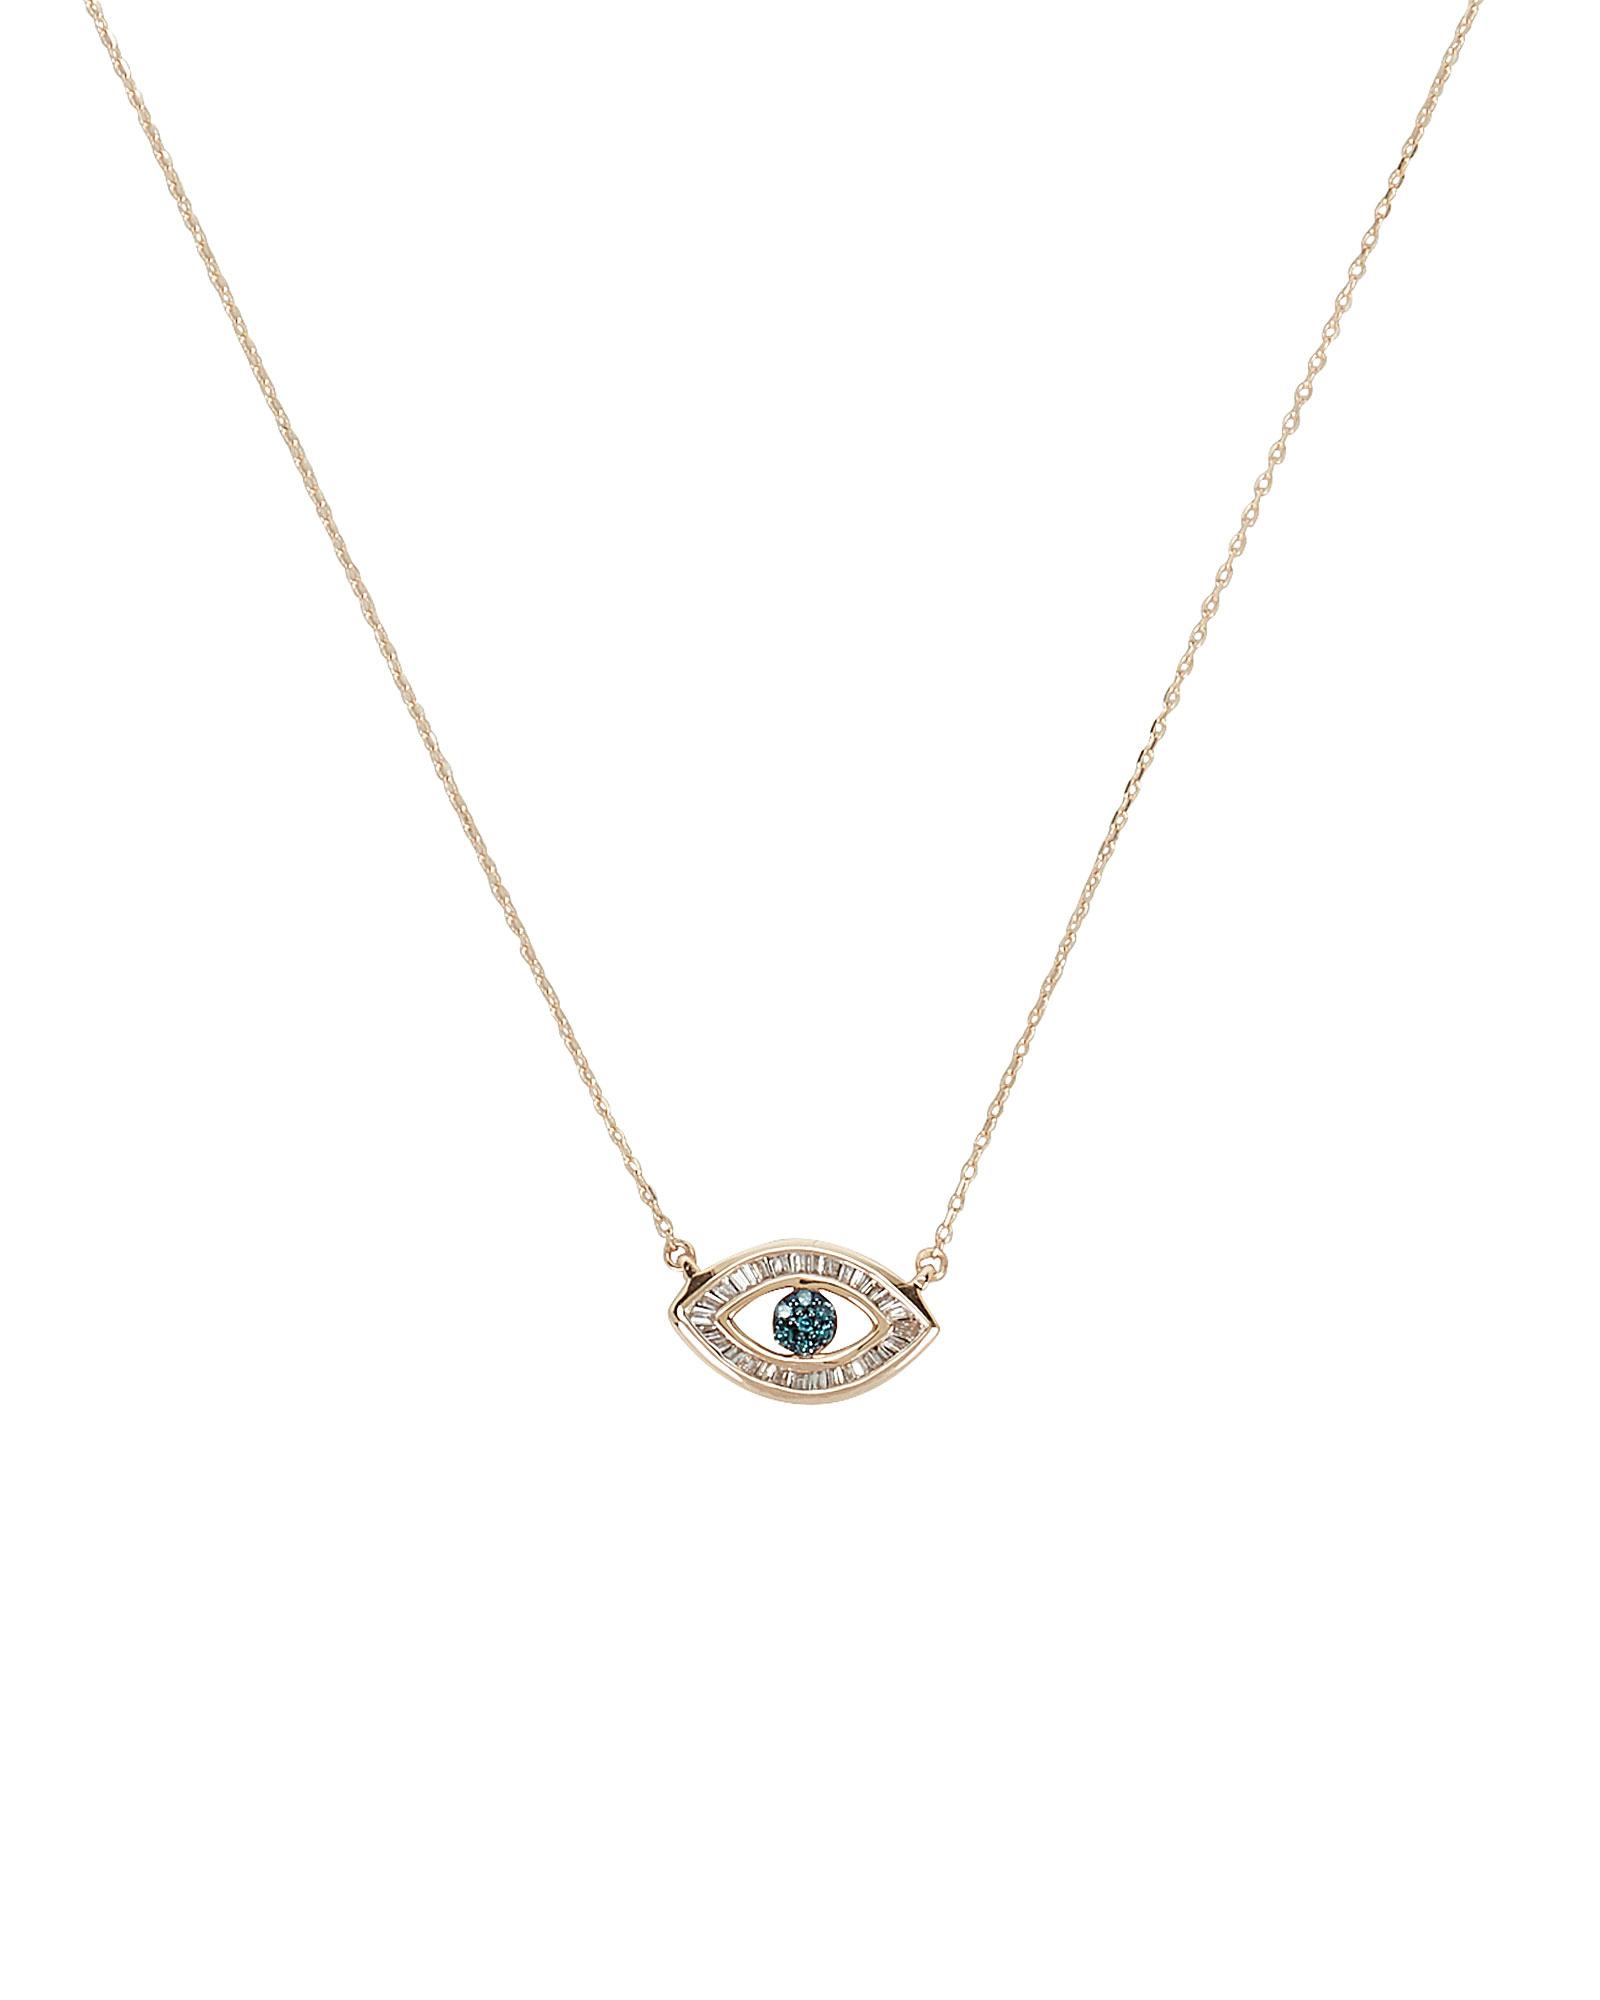 Adina Reyter Baguette Evil Eye Necklace In Gold